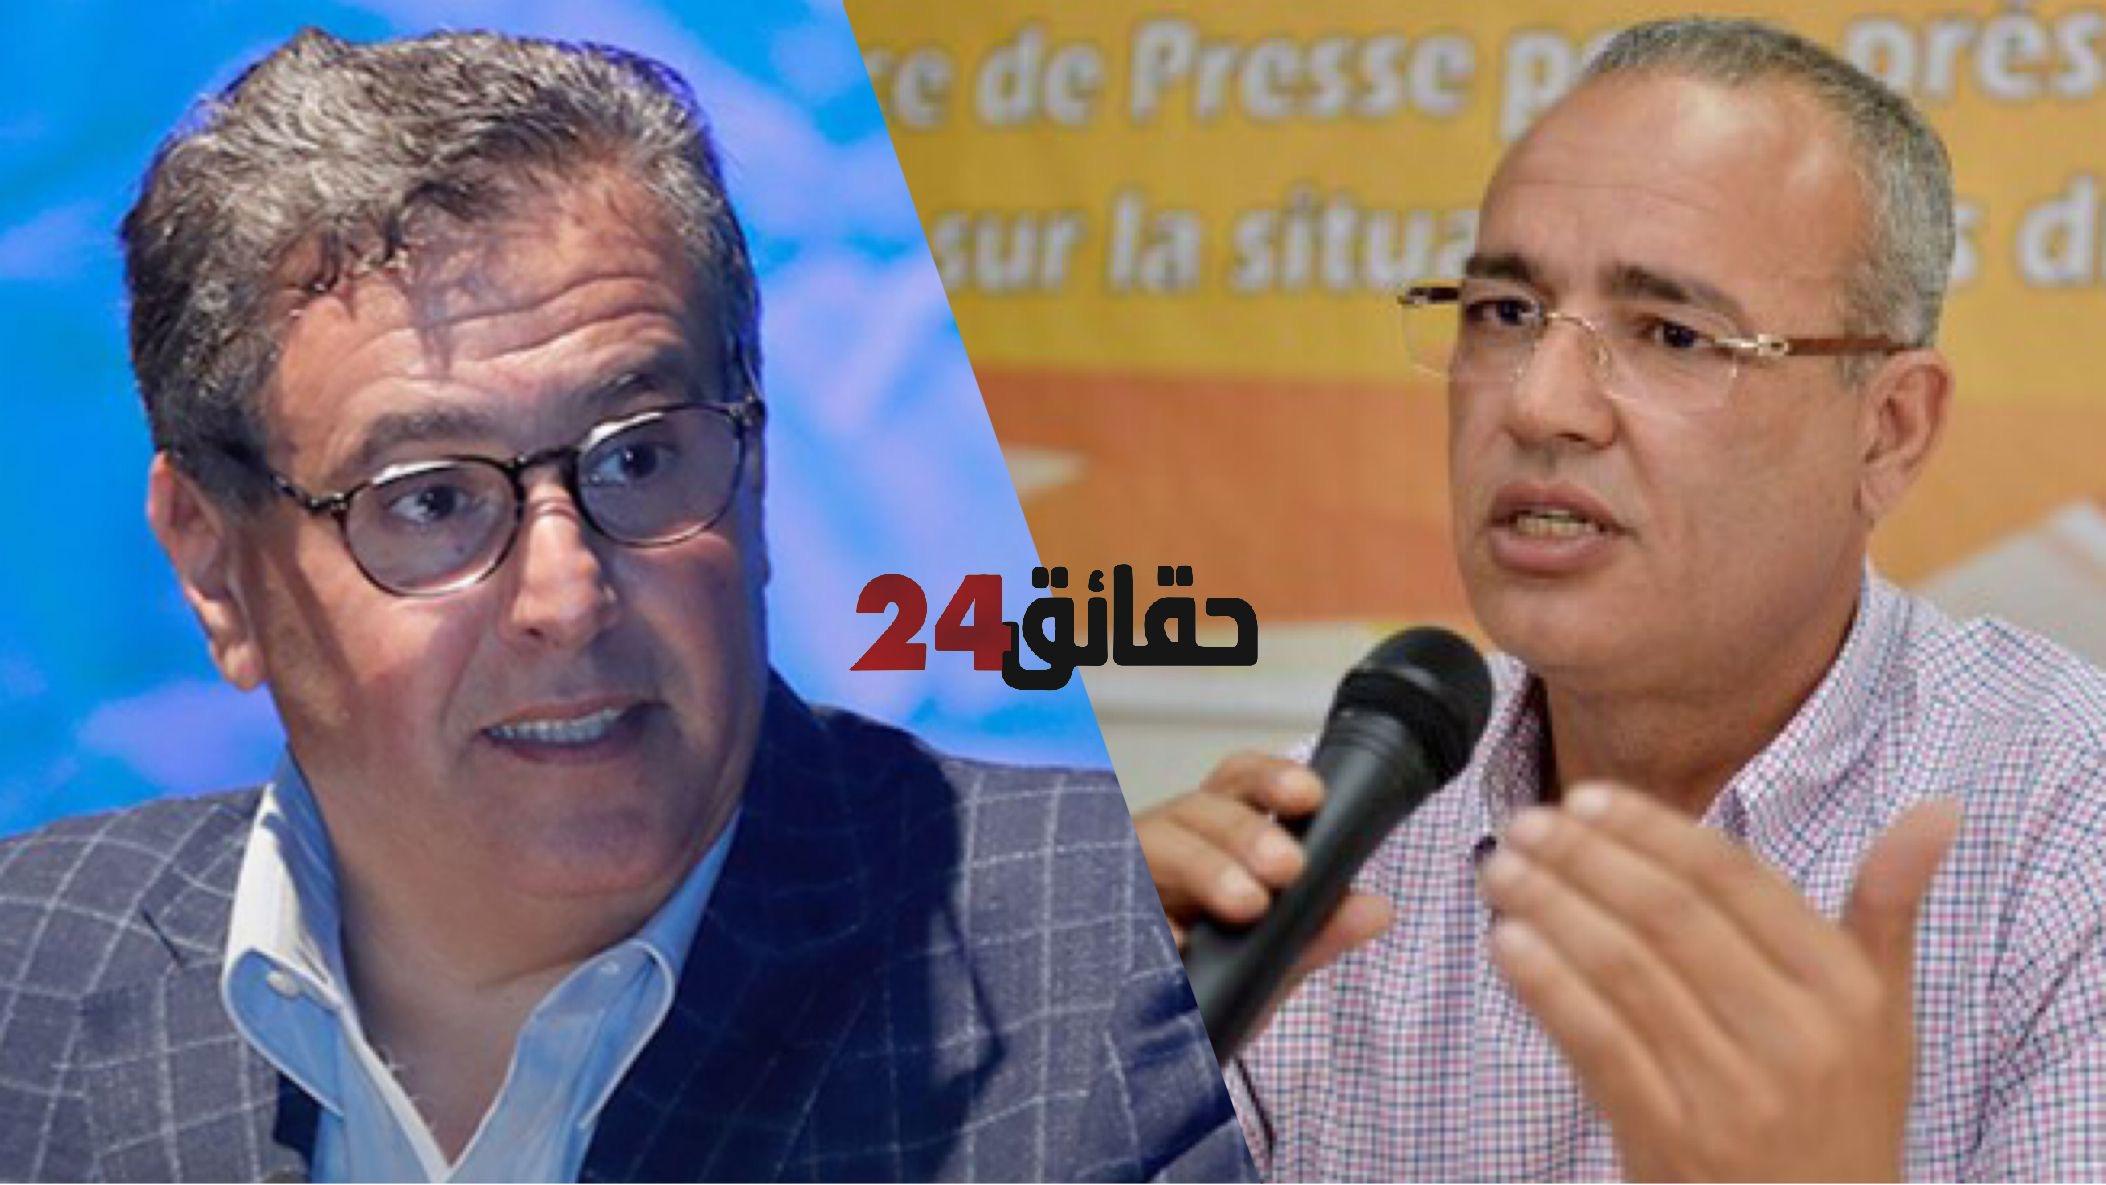 صورة حقوقي يفجرها : شركة تابعة لأخنوش تربح الملايير بسبب احتكارها بيع الأوكسجين للمستشفيات المغربية